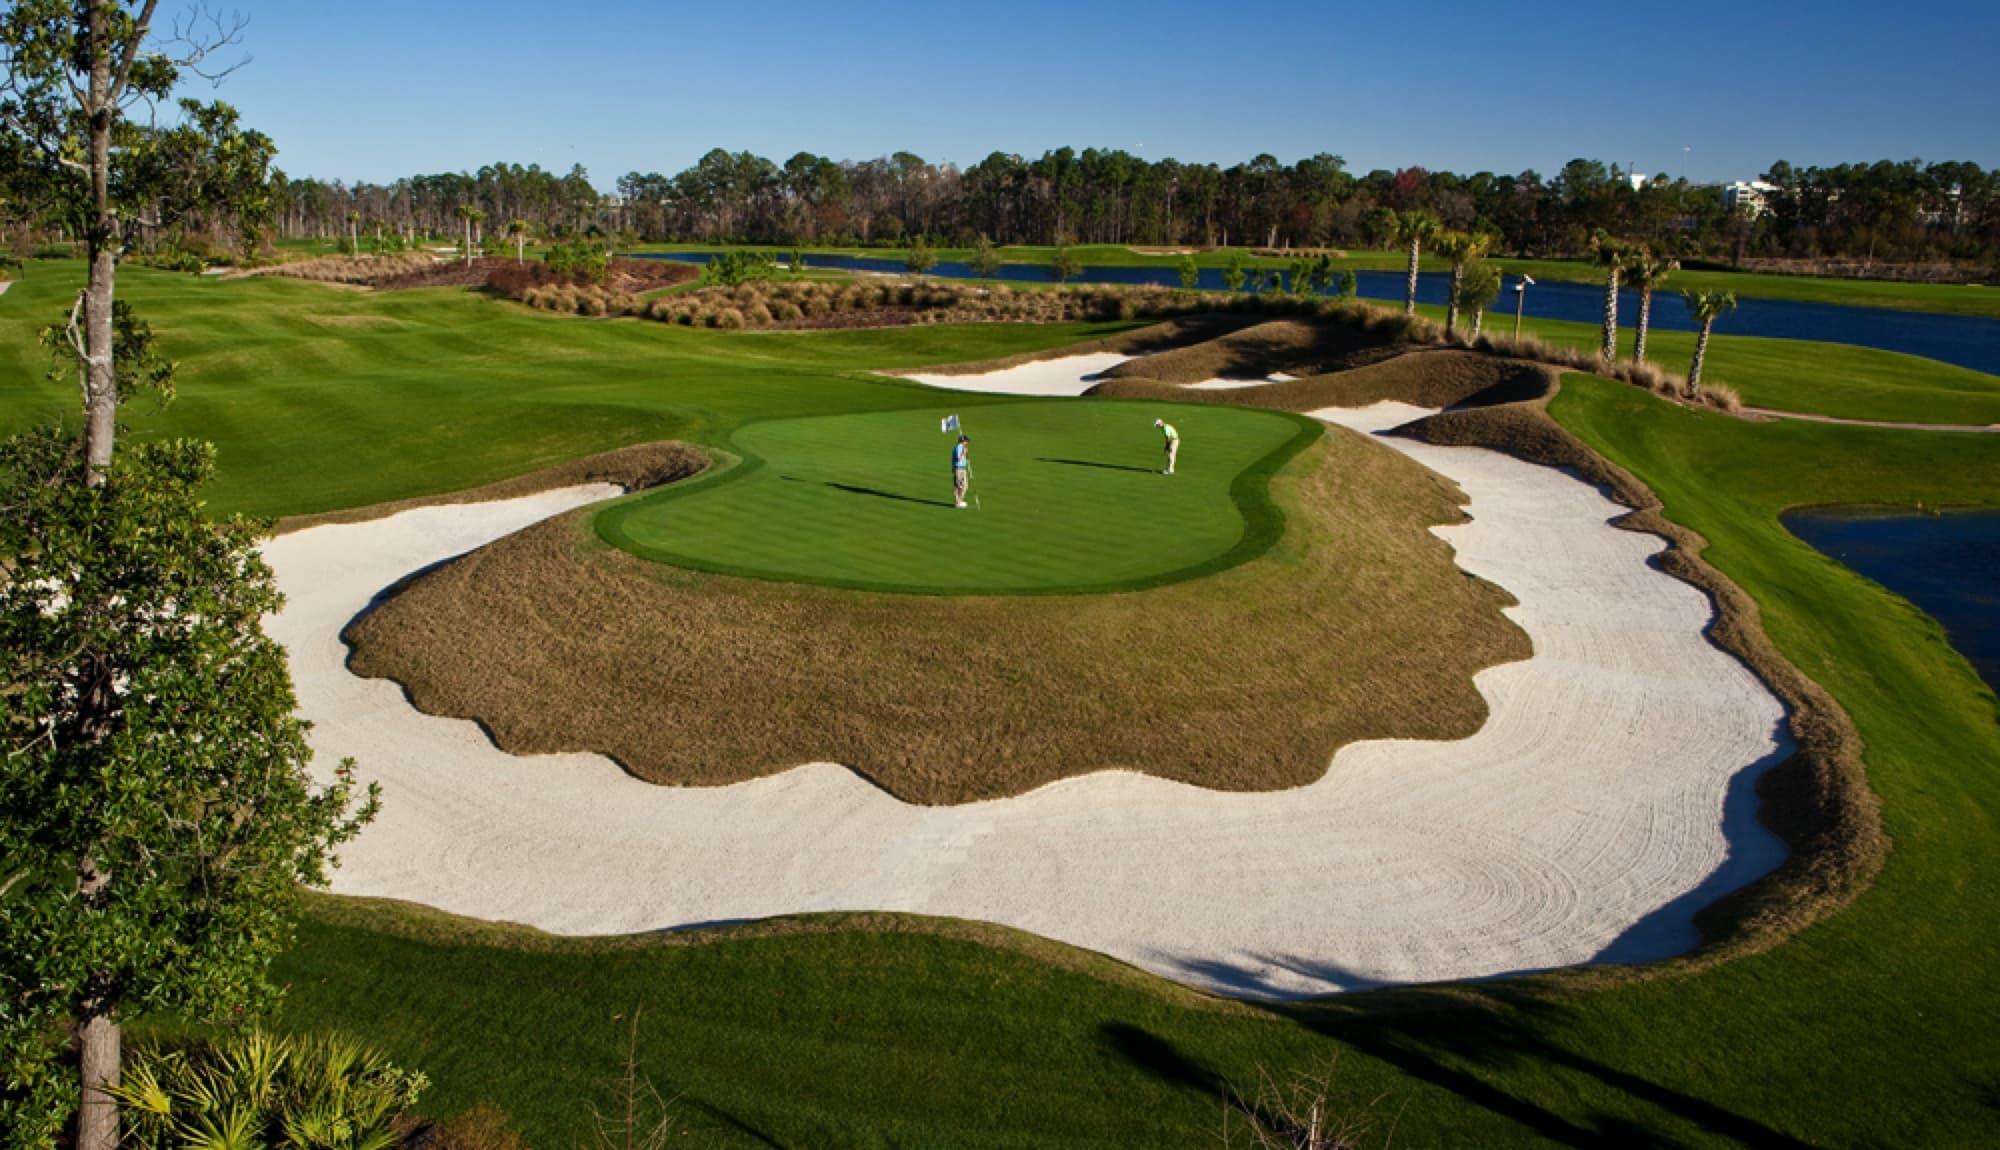 3. Waldorf Astoria Golf Club - 11th Hole